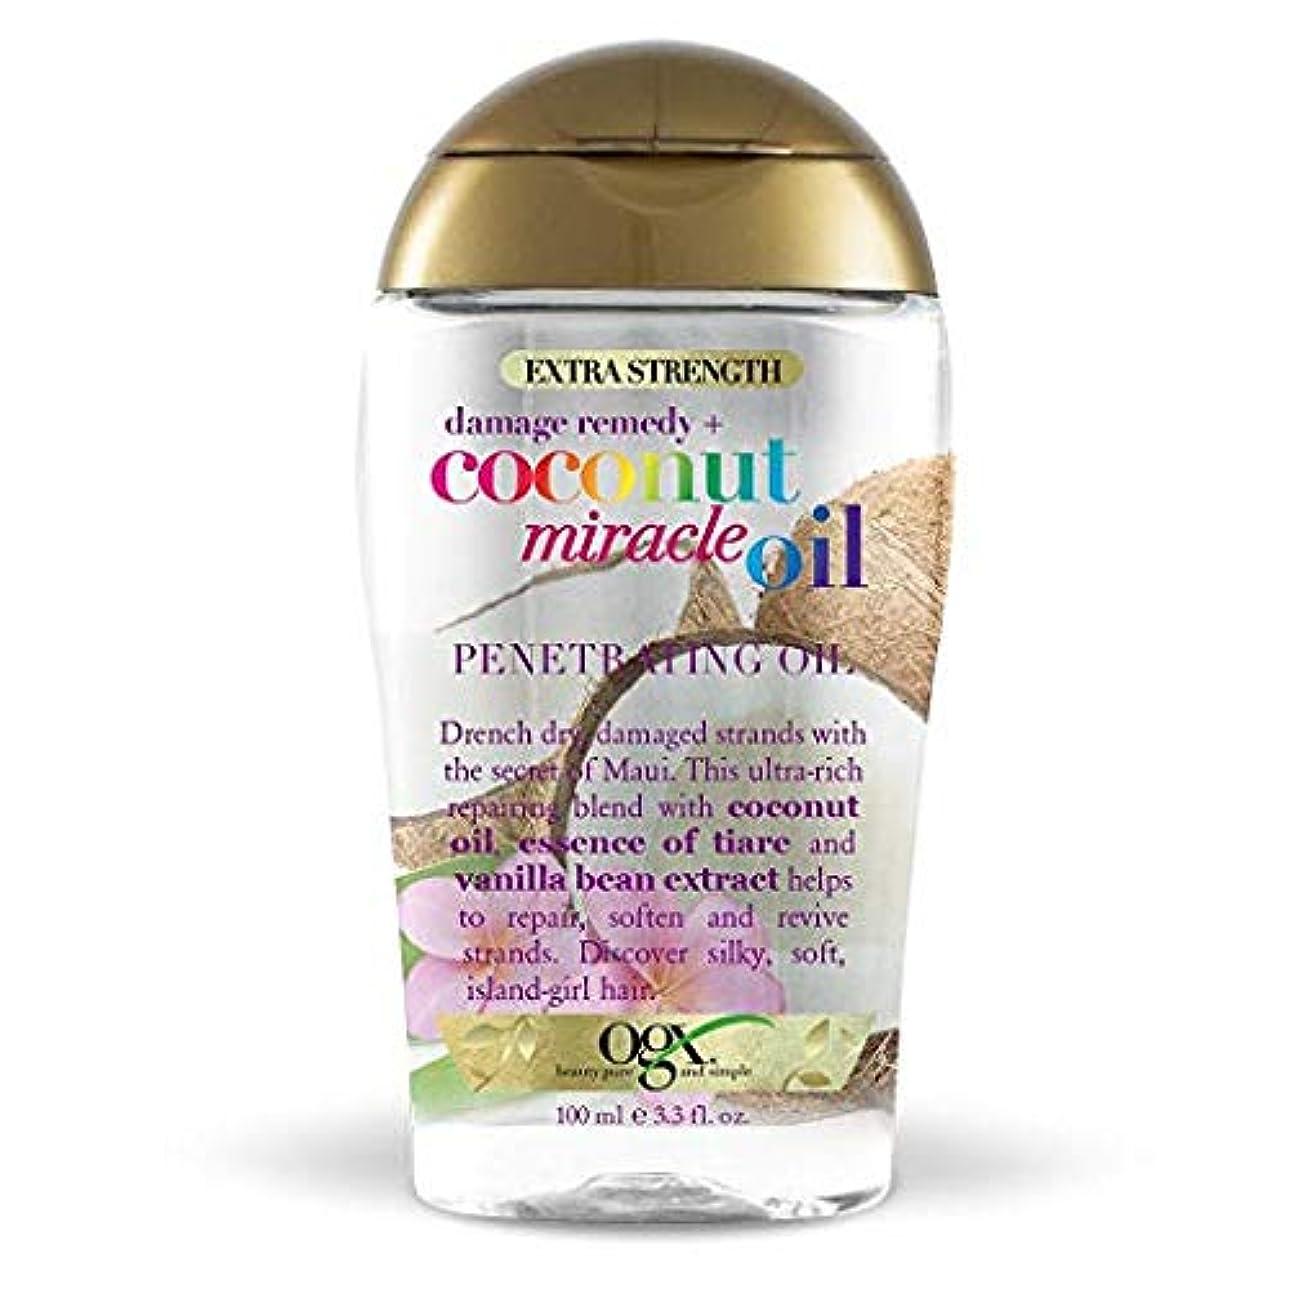 スパイ動物オーバーヘッドOgx Penetrating Oil Coconut Miracle Oil Extra Strength 3.3oz OGX ココナッツミラクルオイル エクストラストレングス ペネトレーティング オイル 100ml...